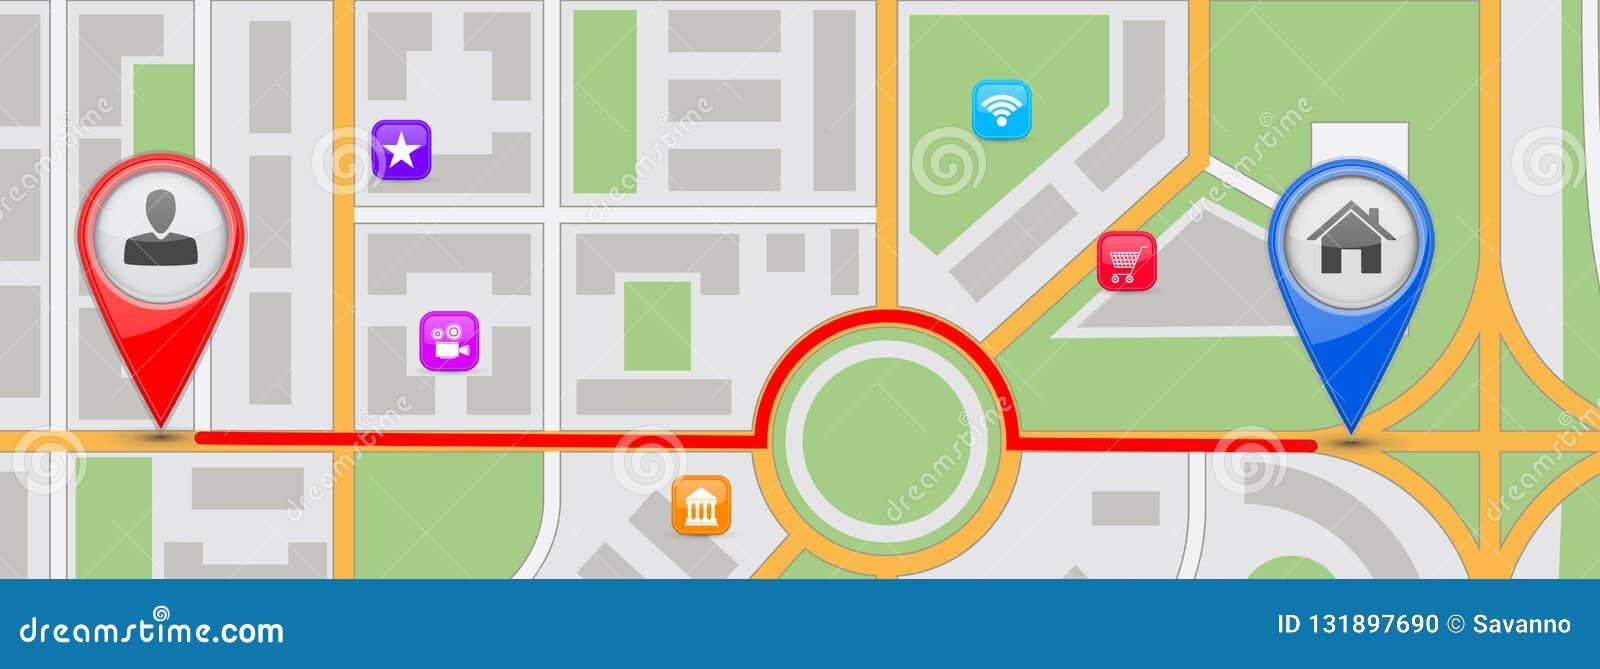 回家目的地的路线 所有背景更改城市上色无缝的映射选择分隔的样片向量的容易的单元文件层